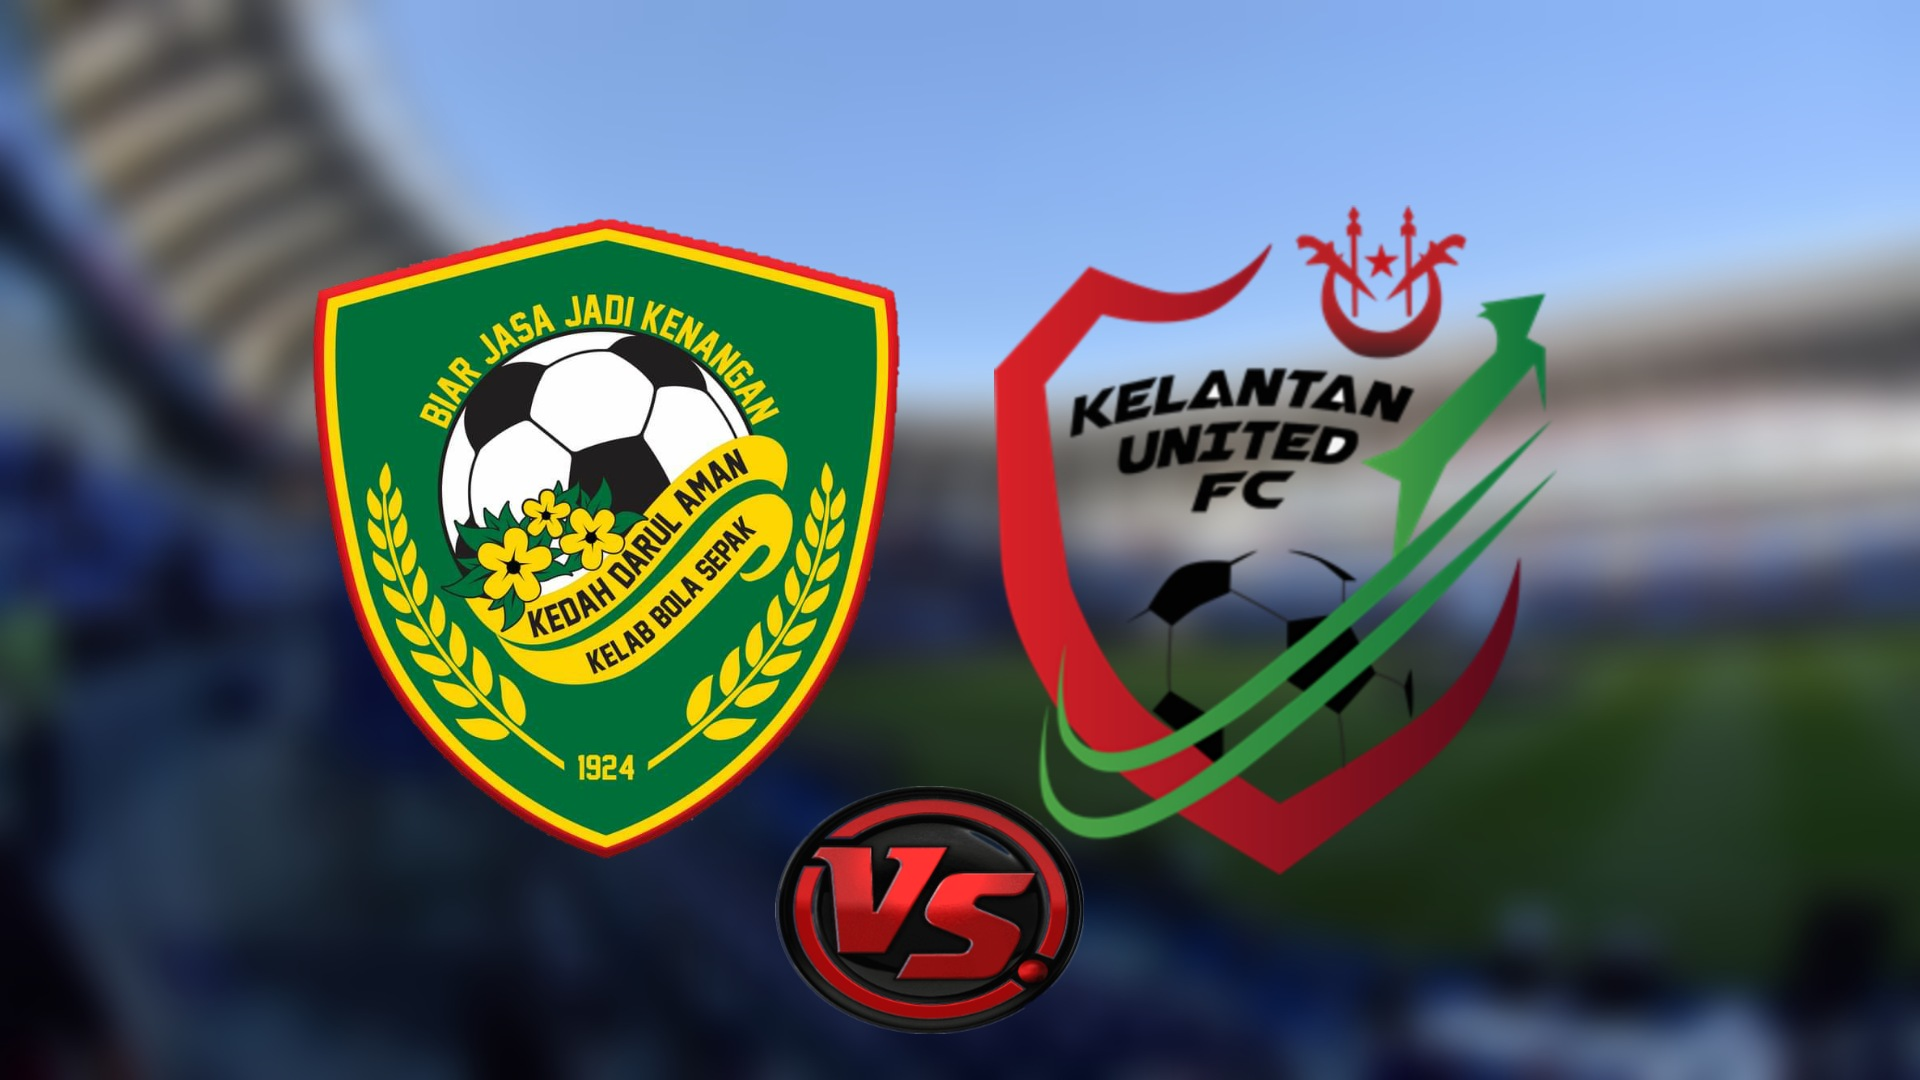 Live Streaming Kedah Darul Aman FC vs Kelantan United FC Piala Malaysia 27.9.2021